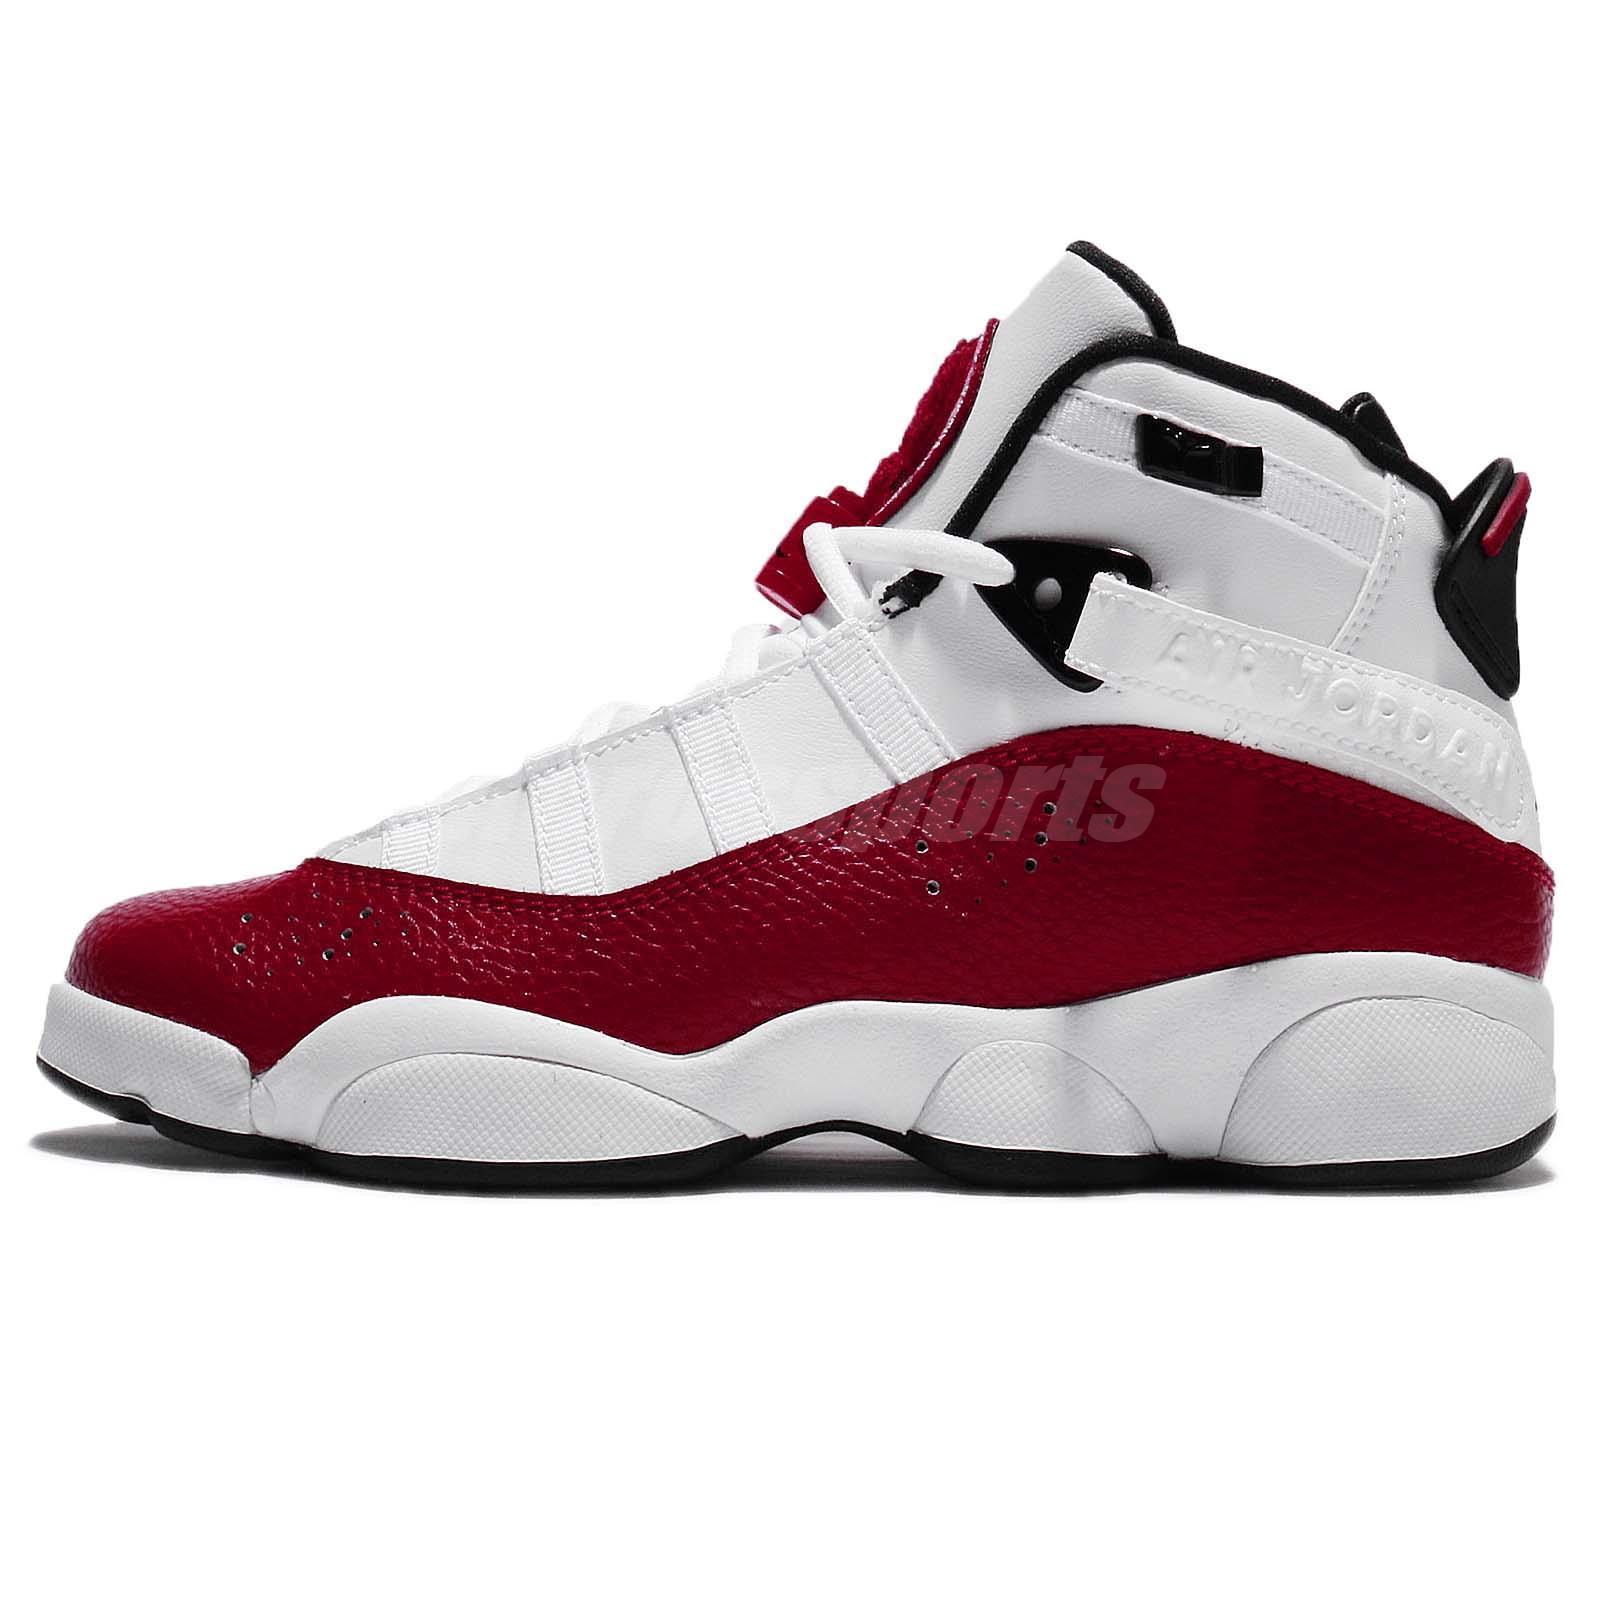 premium selection 949d3 4fa9b Air-Jordan-6-Rings-2018-White-Red-1 - WearTesters